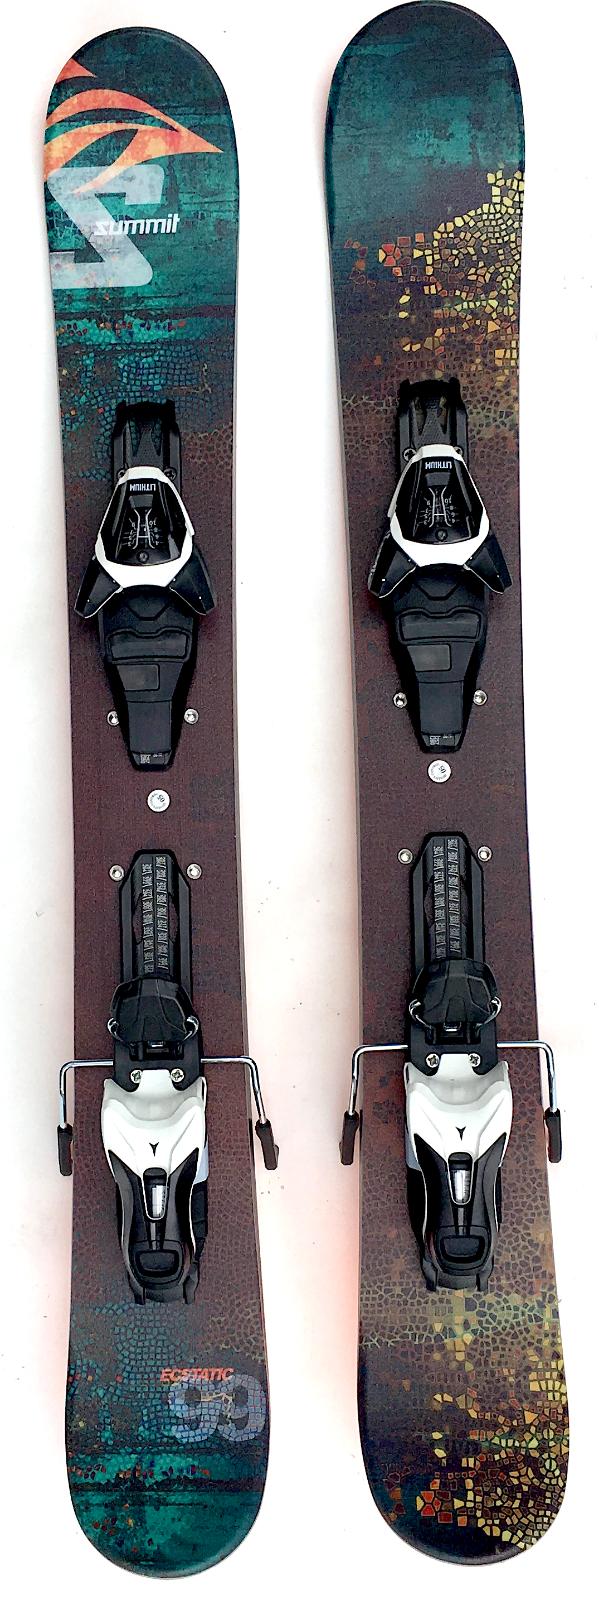 Gipfel Ekstatisch 99cm Se Skiboards Snowblades 2019 W.Atomare FFG12 Ski